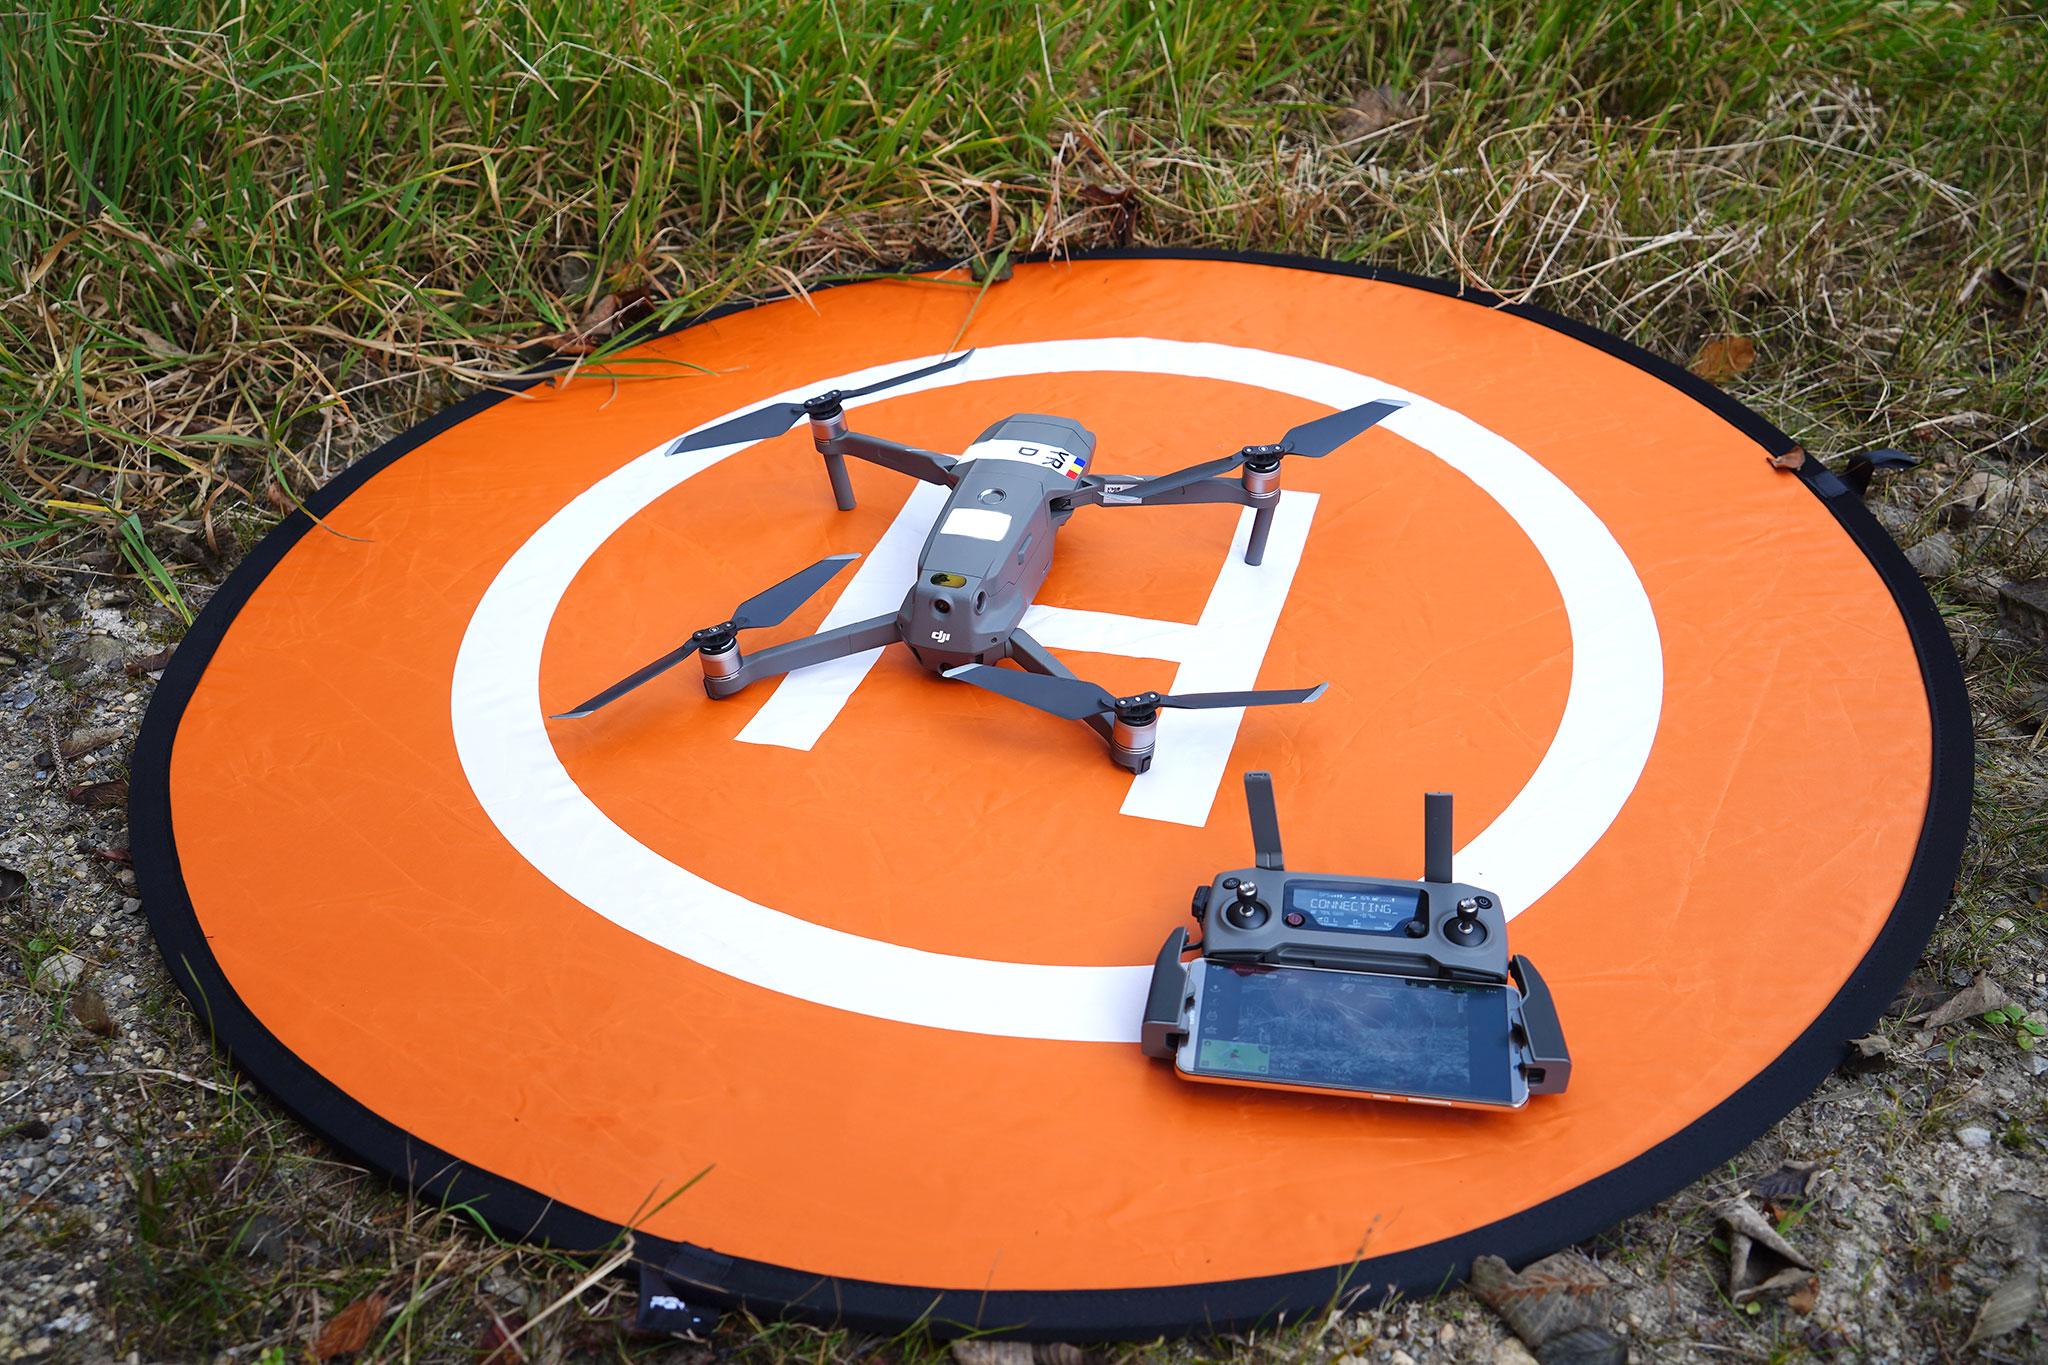 Landing pad-ul pentru drone, util mai ales in cazul dronelor cu tren de aterizare jos, cum e Mavic 1 si 2